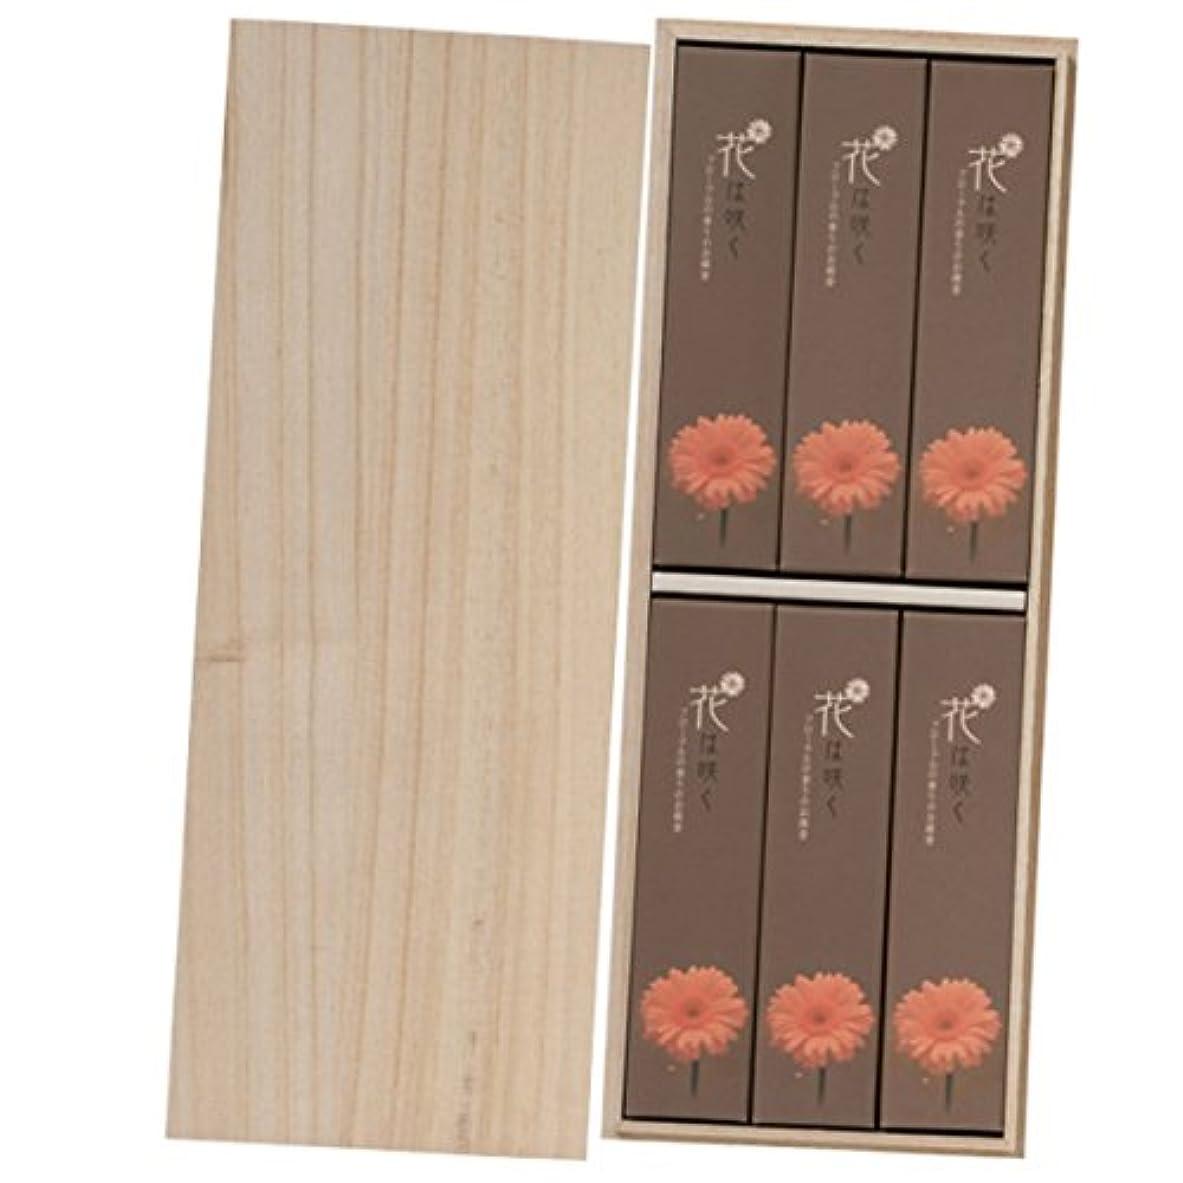 石灰岩既婚散逸花は咲く(進物用桐箱入) 約30g×6箱